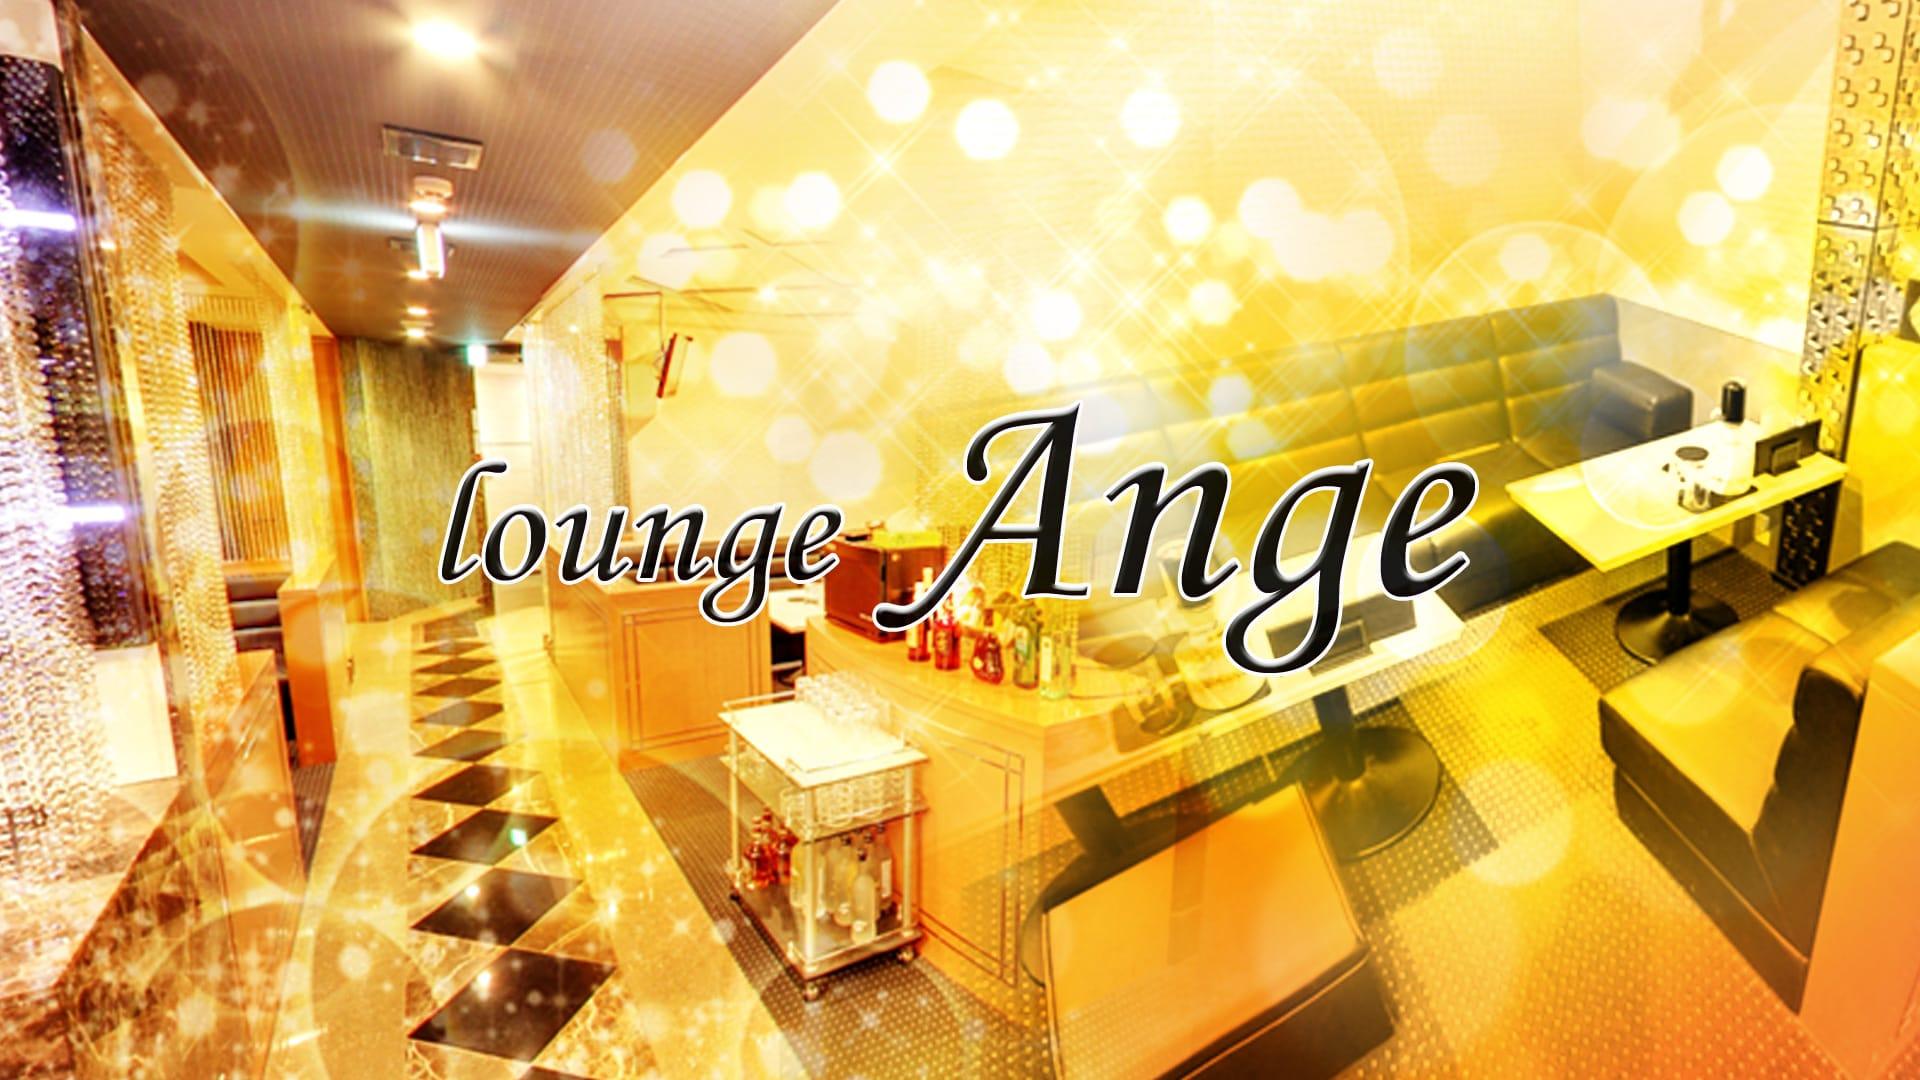 lounge Ange(ラウンジアンジュ) 新潟キャバクラ TOP画像